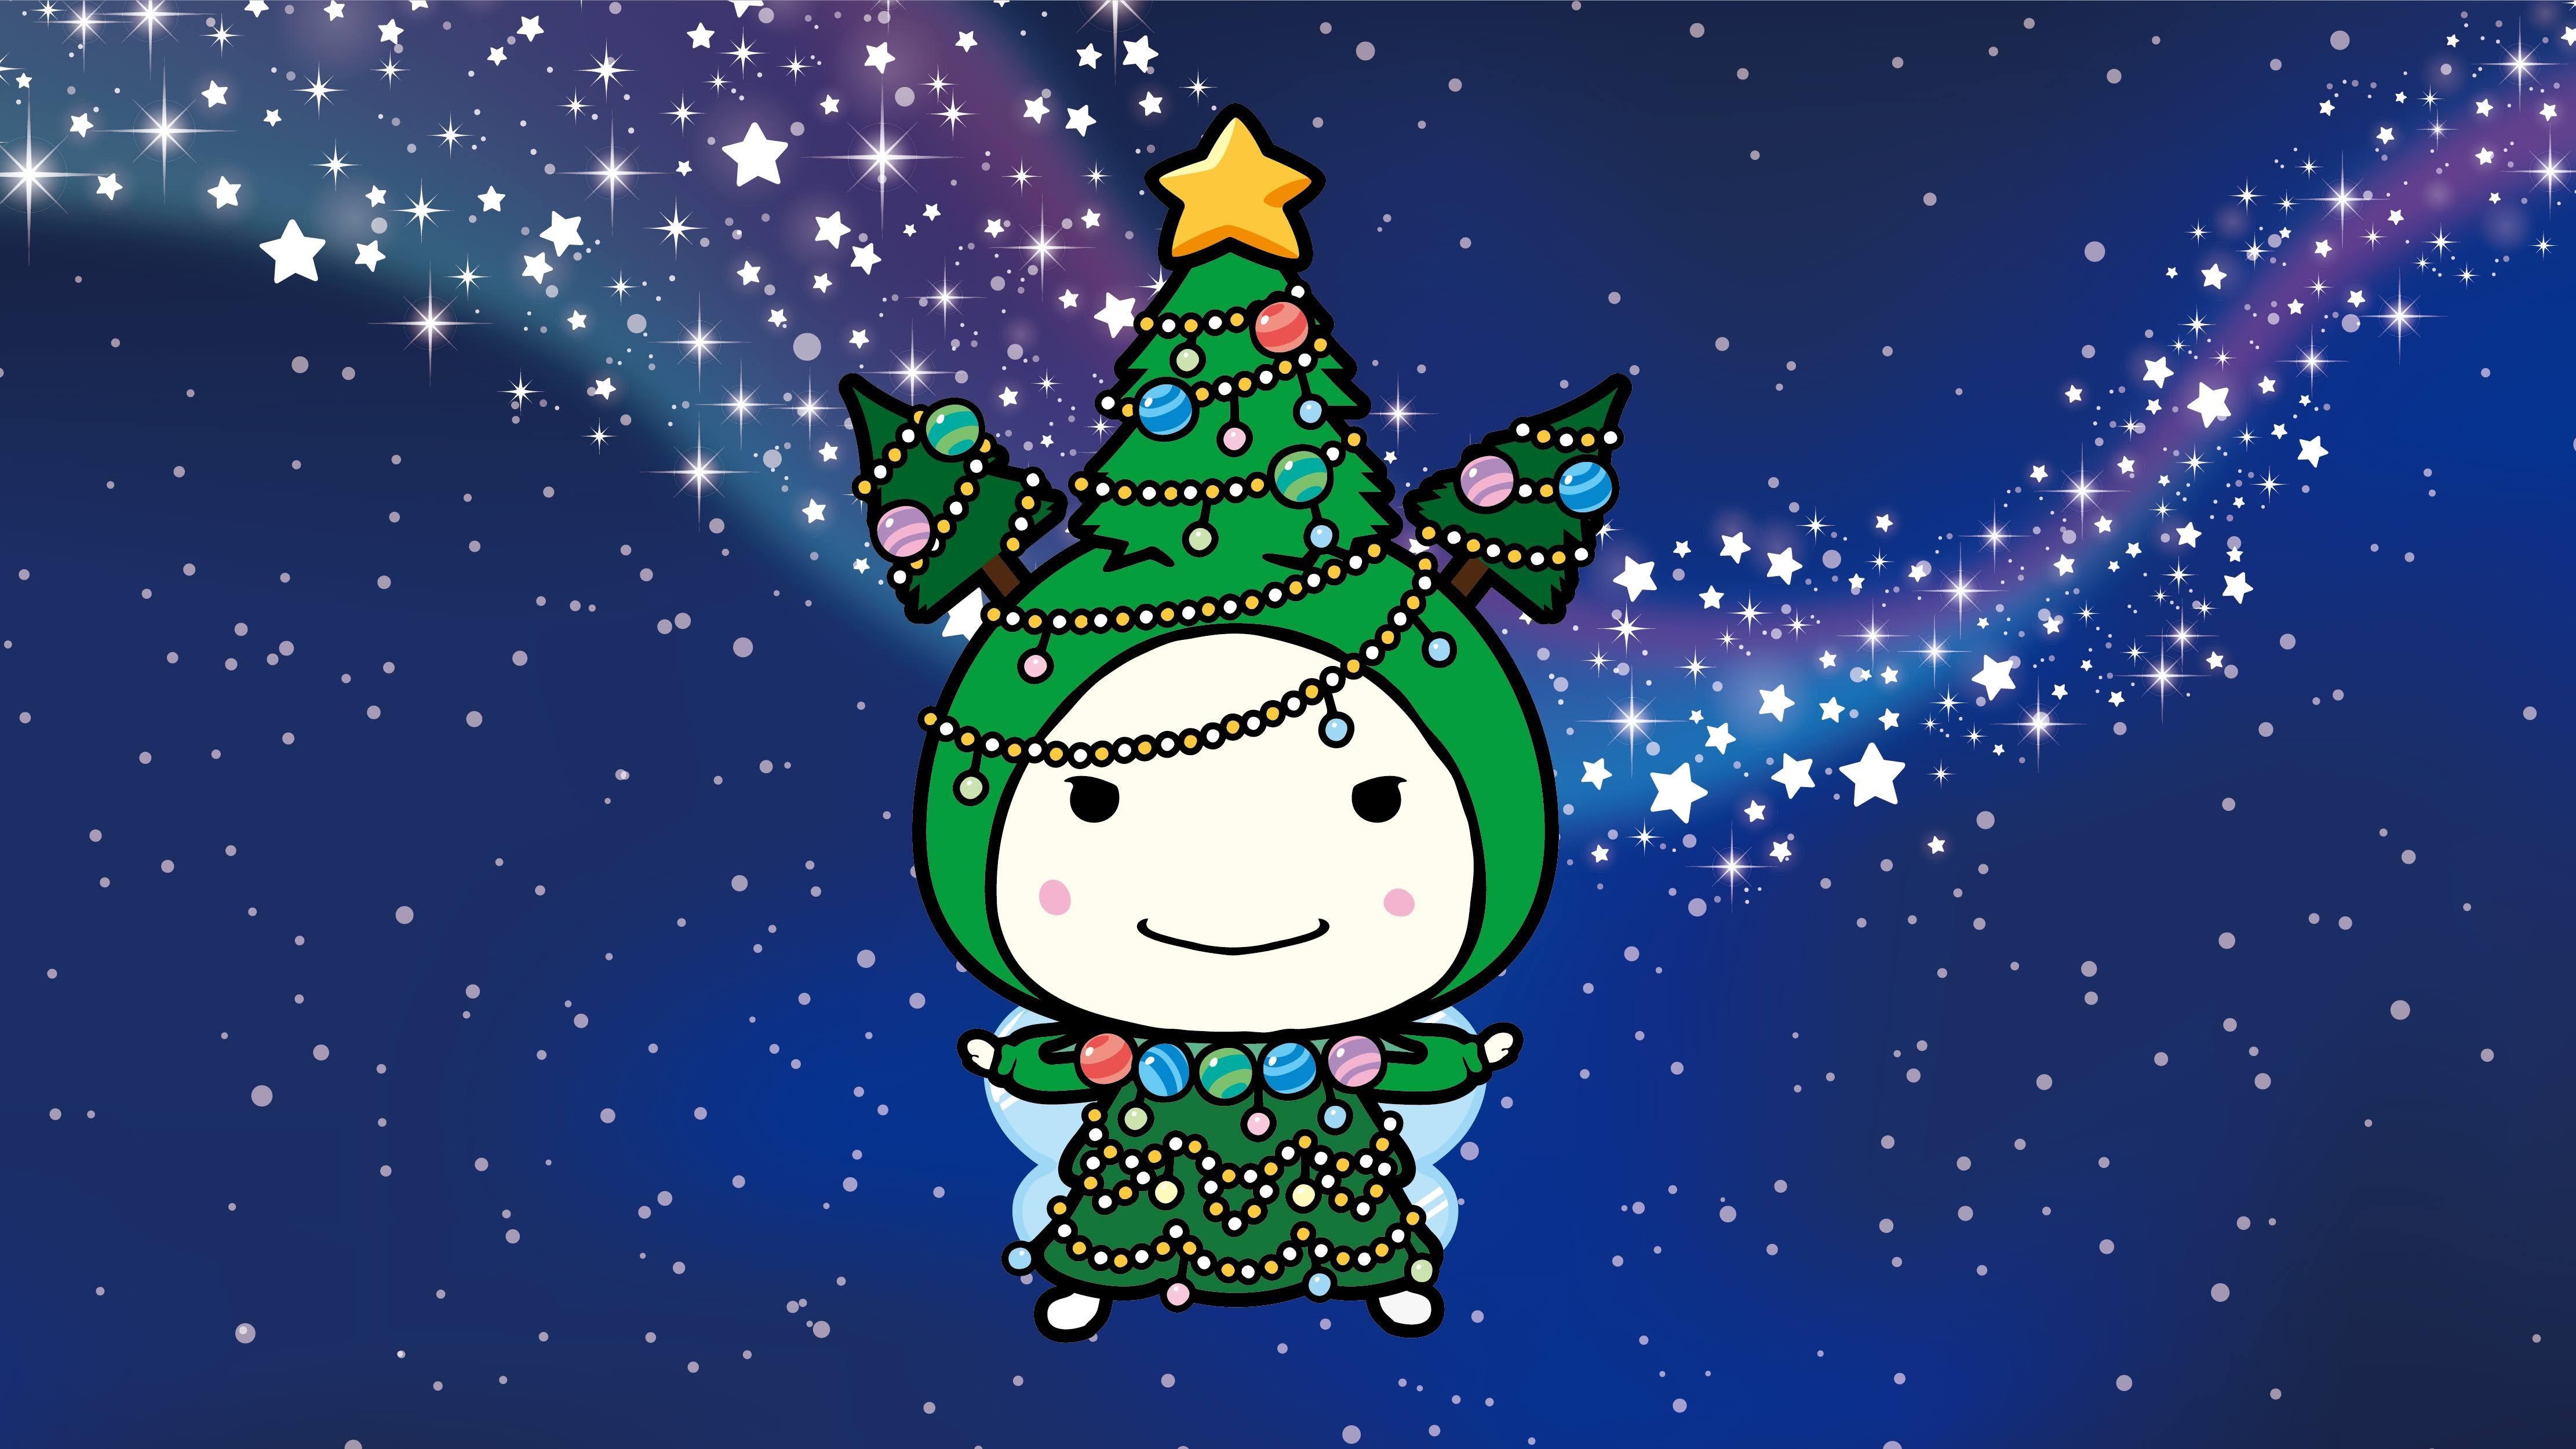 クリスマスプレゼント_素材用_アートボード 1_Original